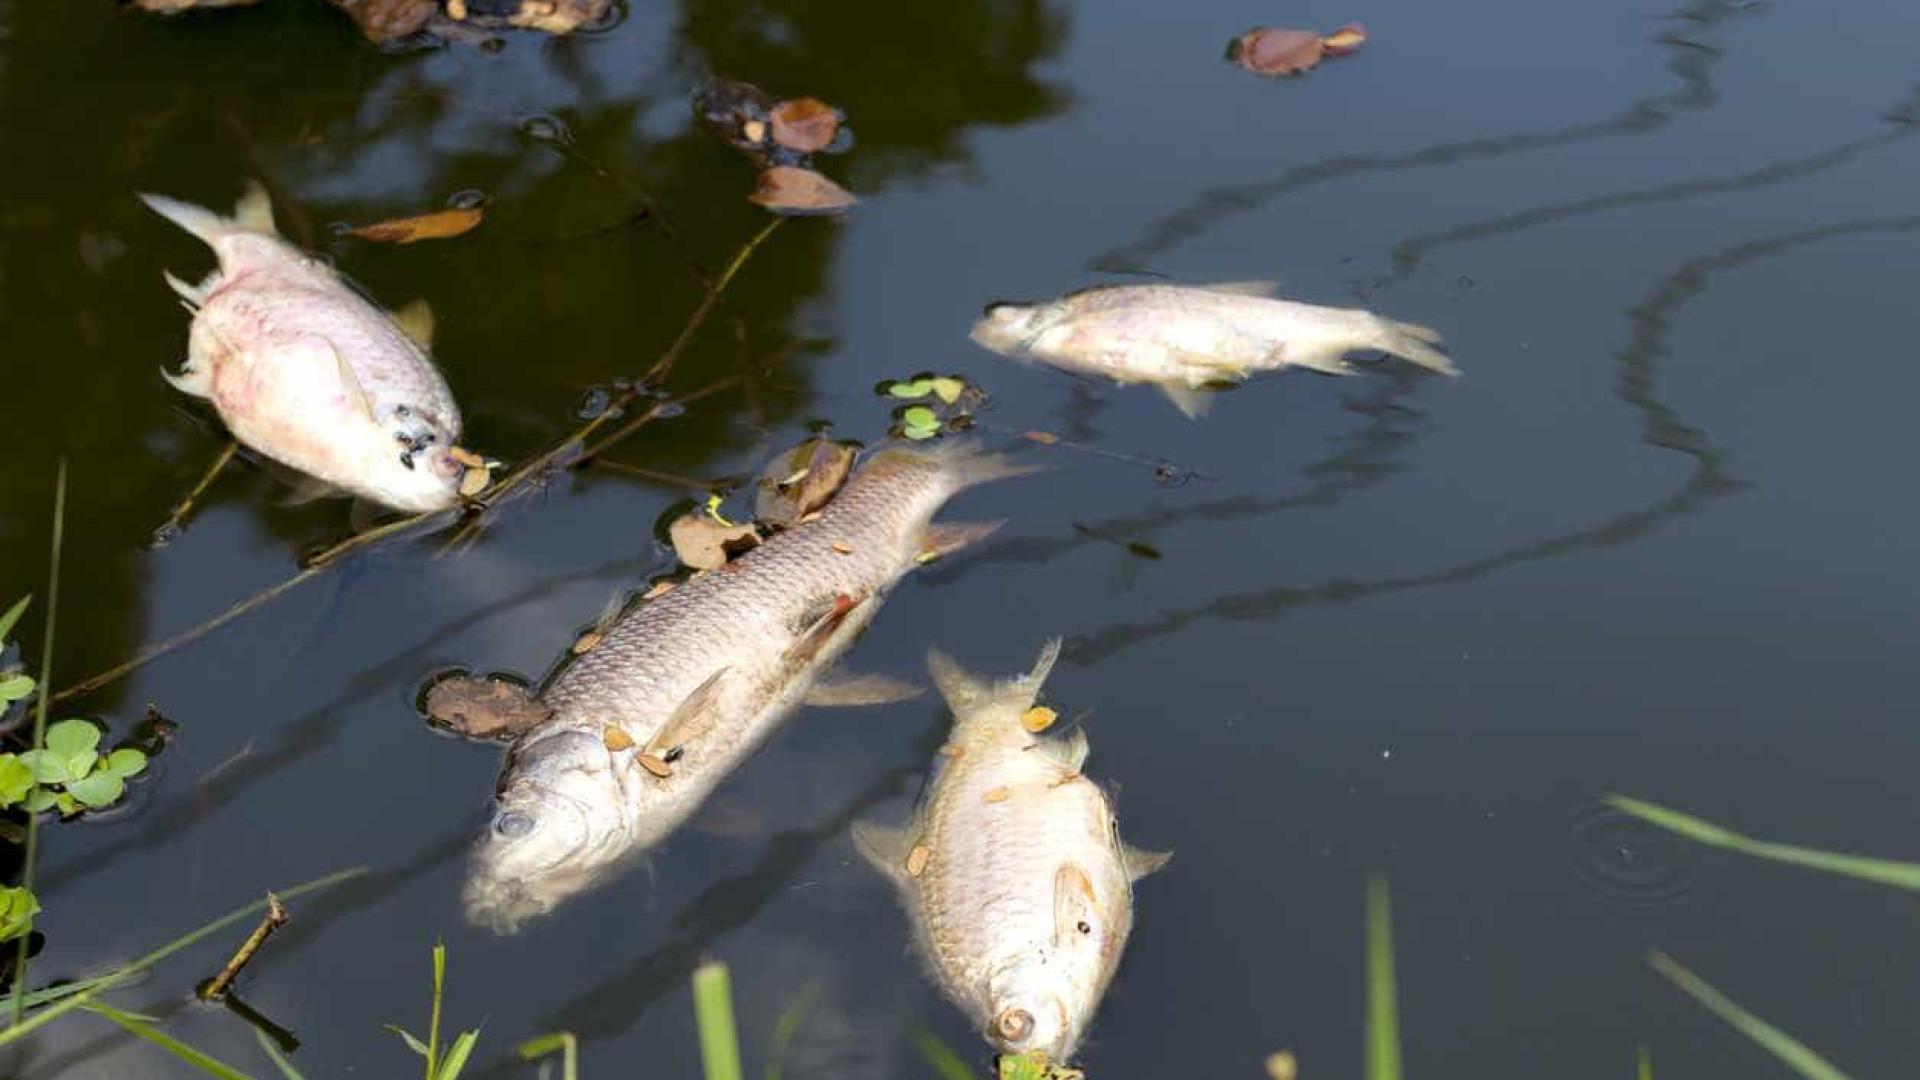 Relatório sobre morte de peixes no Tejo confirma contaminação da água